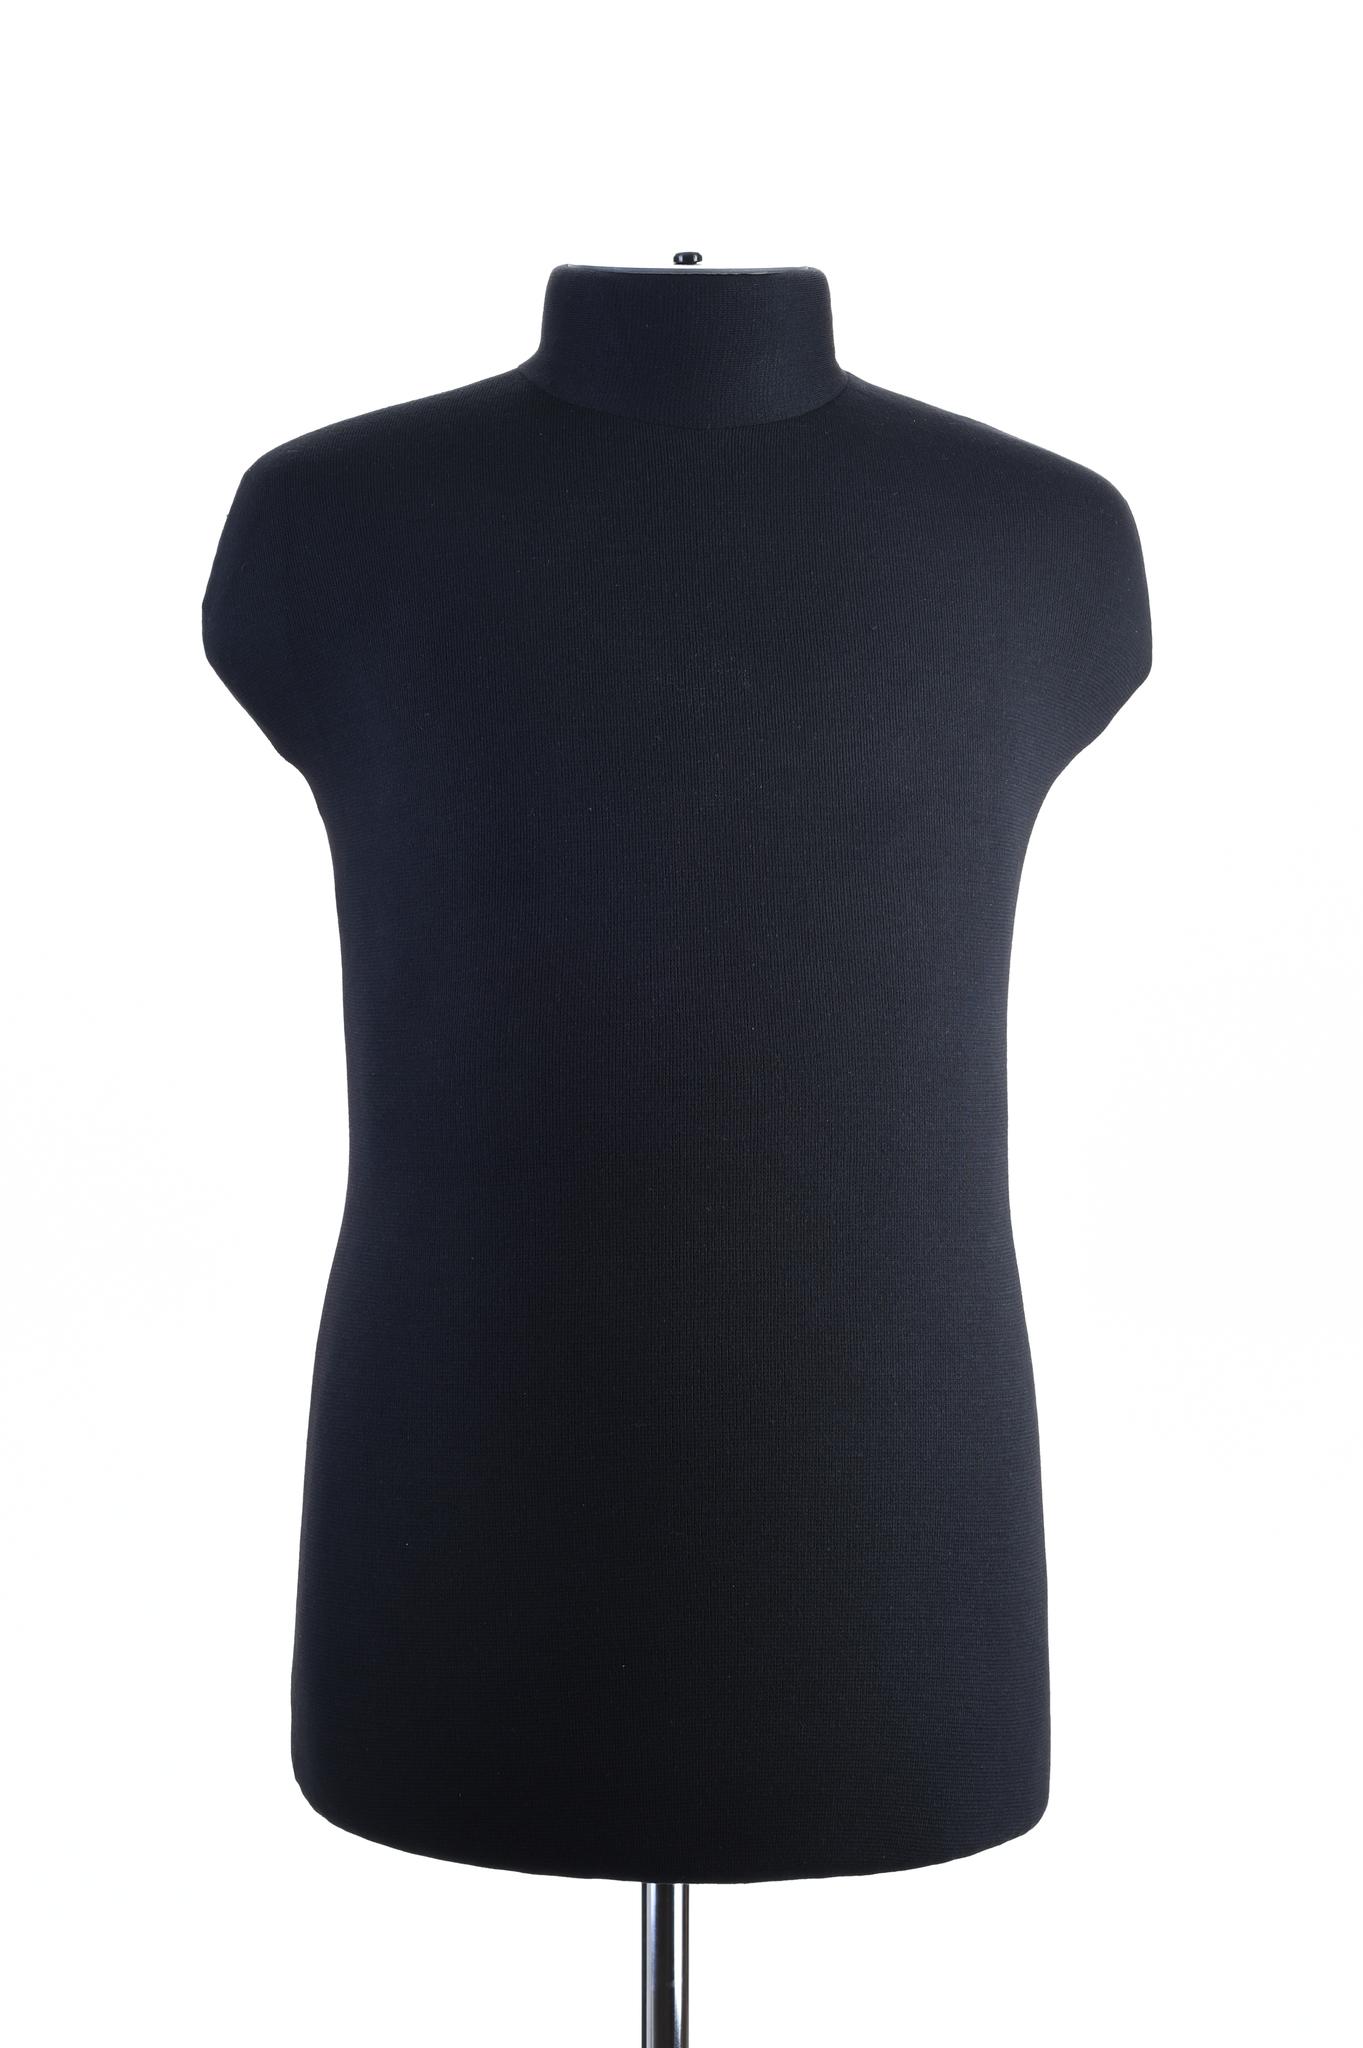 Мягкий манекен мужской 52 размер (черный)